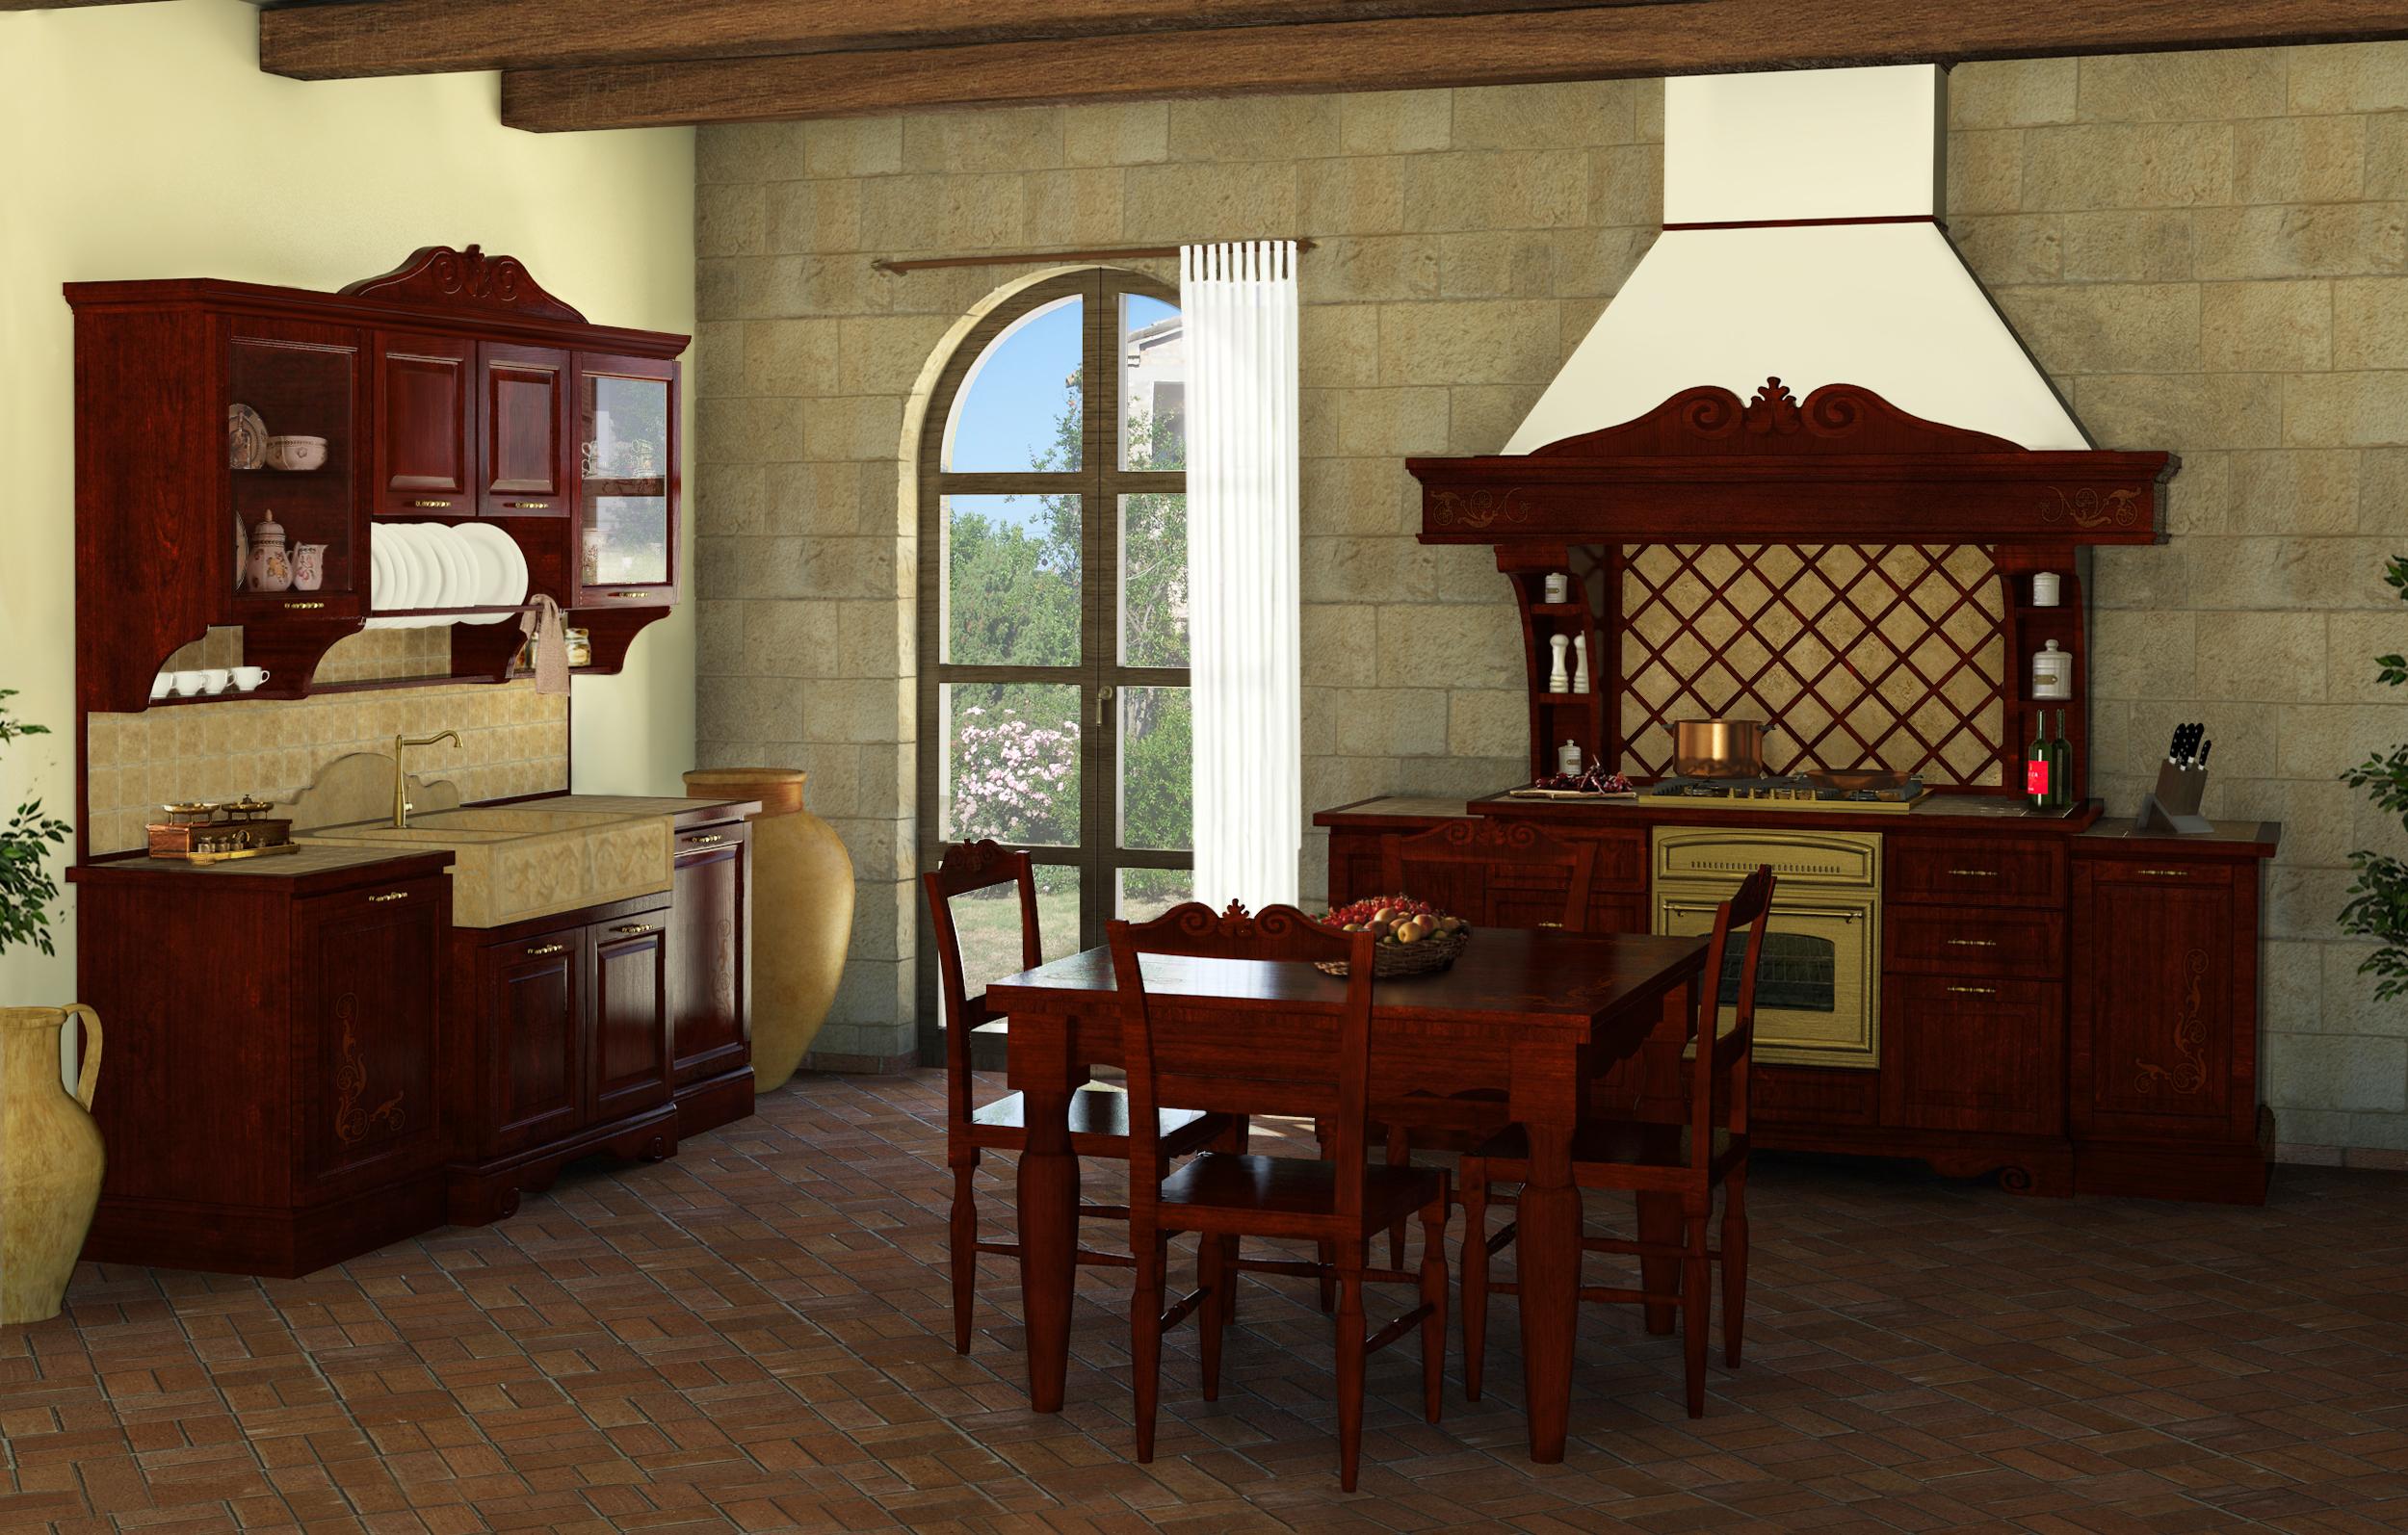 Cucine della nonna cucine classiche in legno massello - Arredamento cucina classica ...